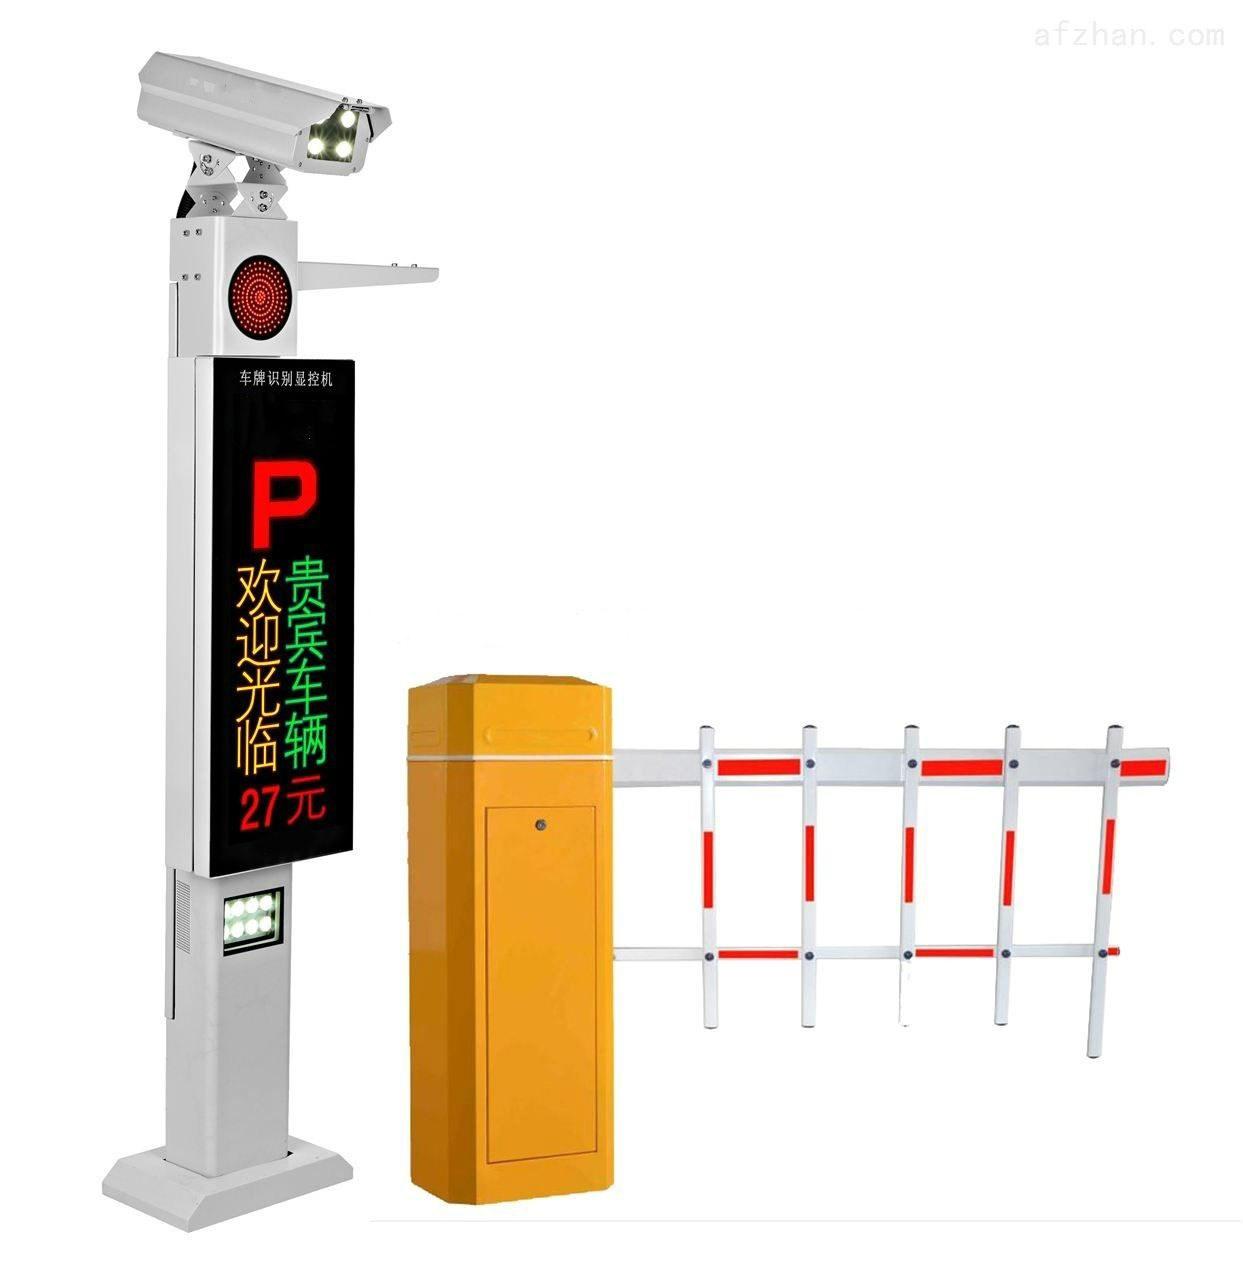 工厂安装停车场系统的作用